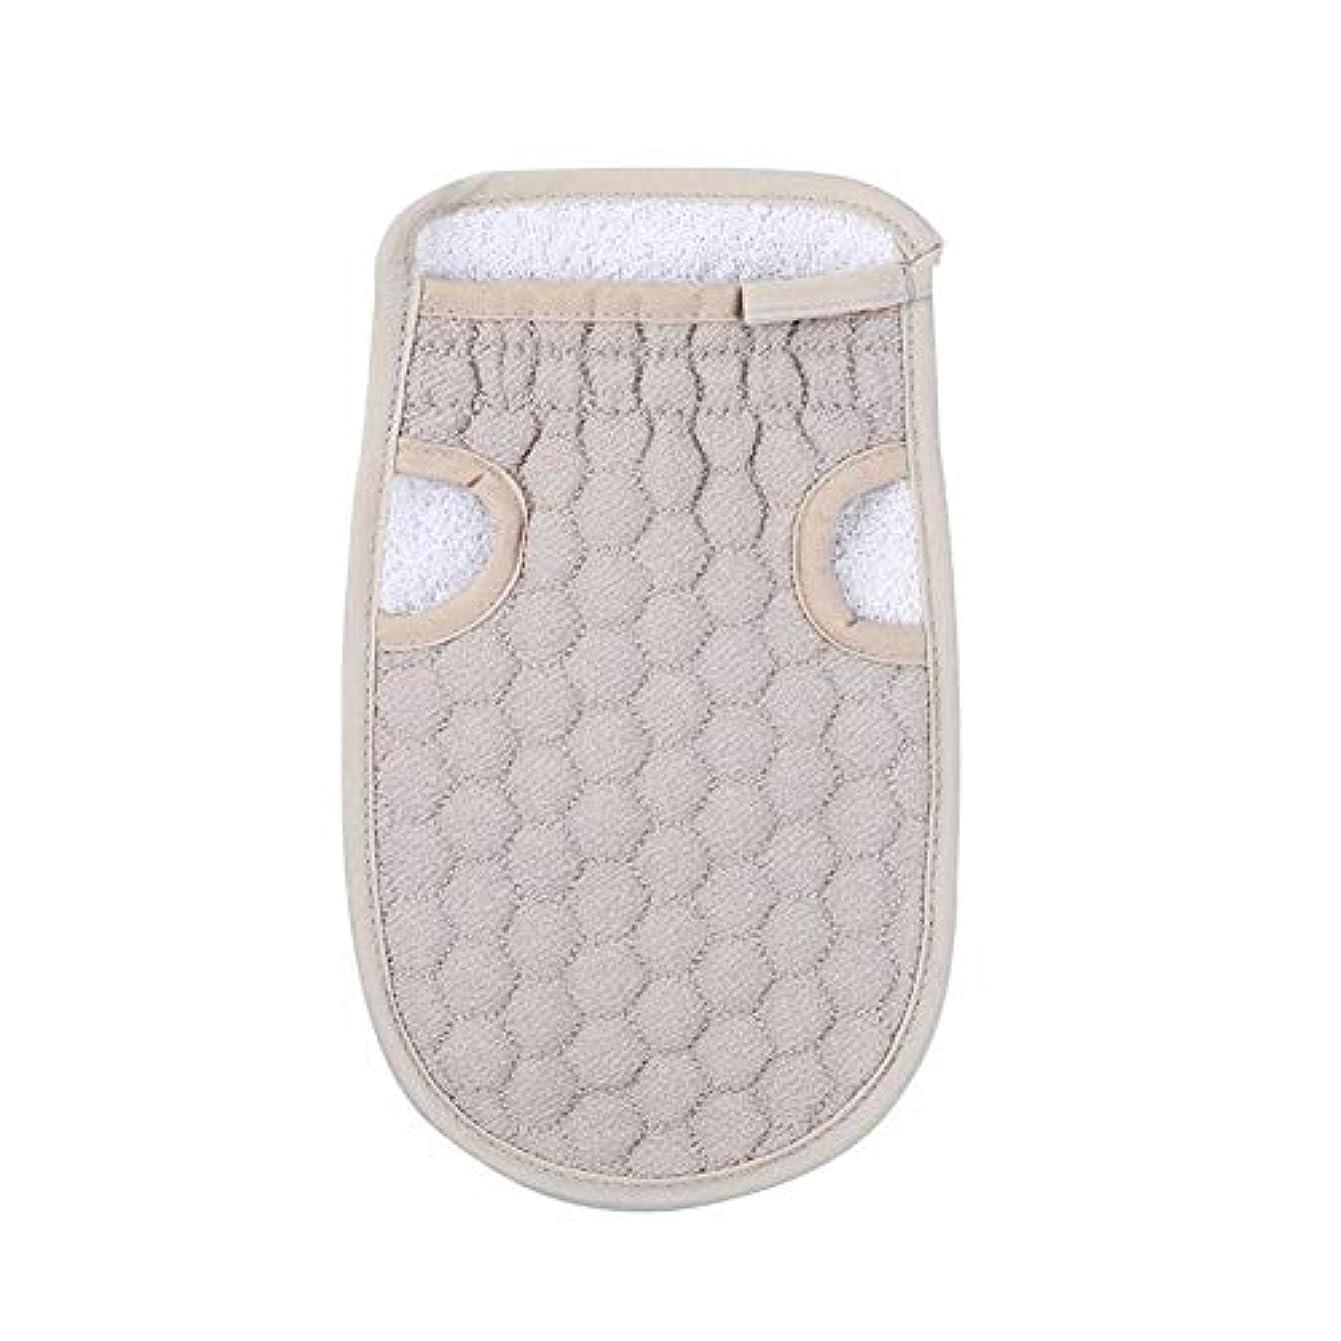 子供っぽい維持するリサイクルする浴用手袋 入浴用手袋 お風呂用手袋 角質除去 マッサージ ボディーグローブ 両面 繰り返し使用 バスタオル